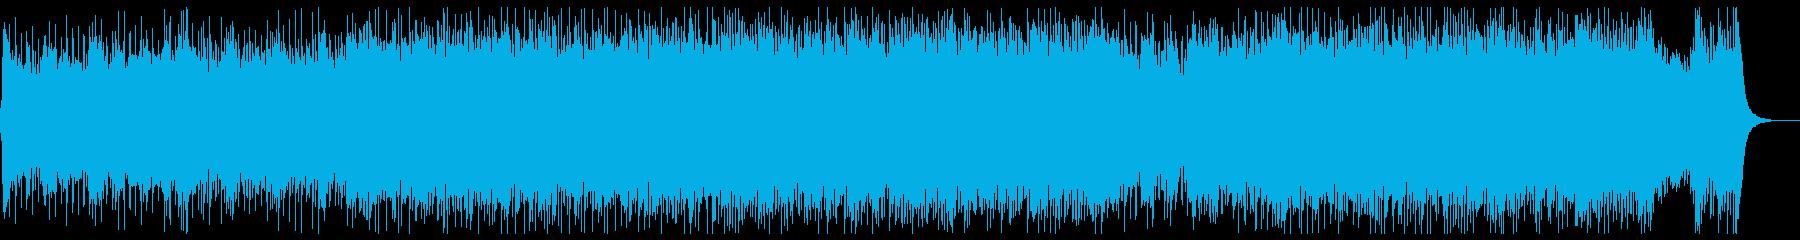 ダークな和風ロック:三味線・尺八・箏・鼓の再生済みの波形